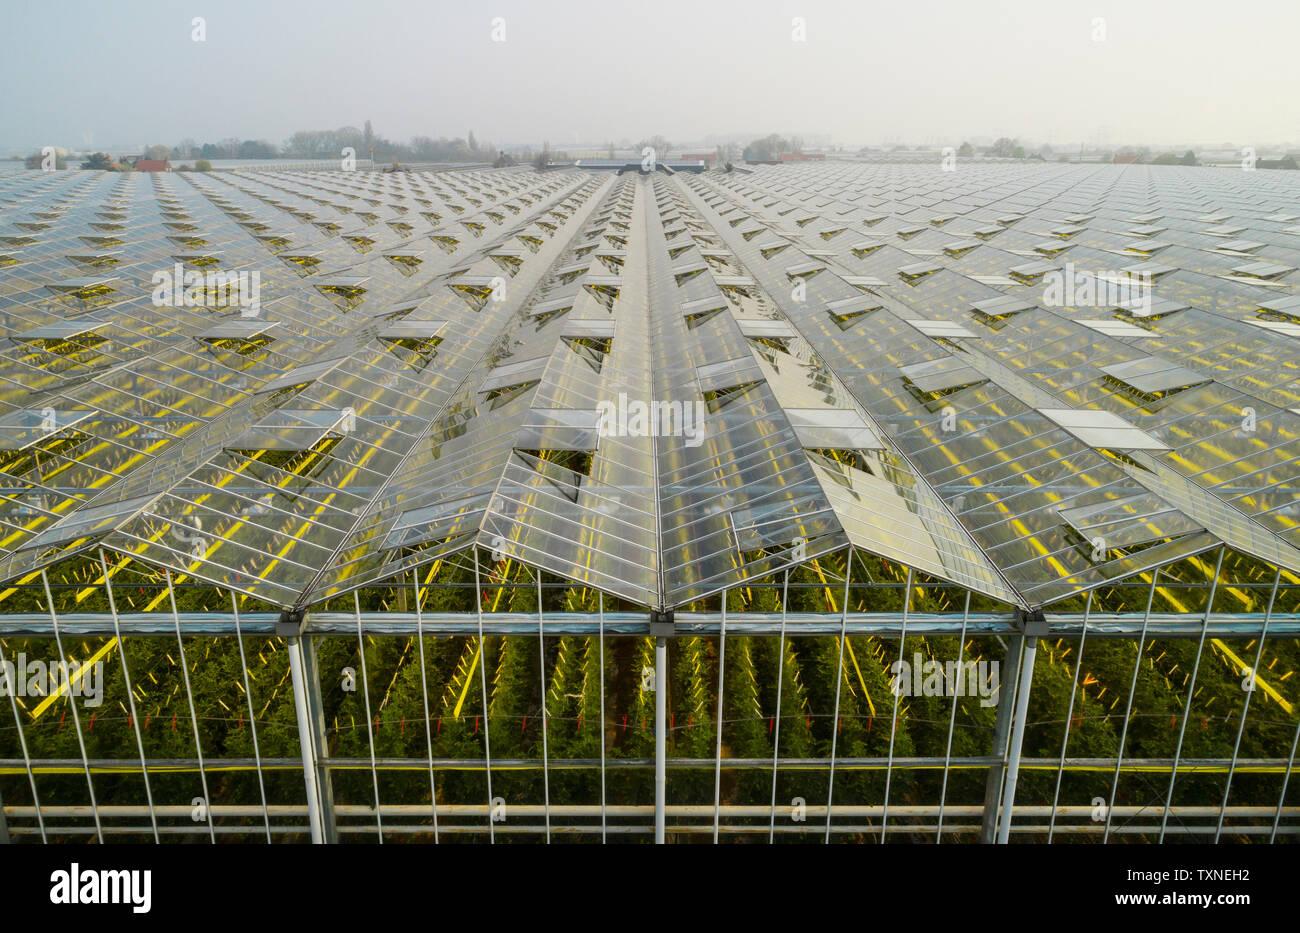 Gewächshaus in den Westland, Teil der Niederlande mit großer Konzentration von Gewächshäusern, Erhöhte Ansicht, Maasdijk, Zuid-Holland, Niederlande Stockbild